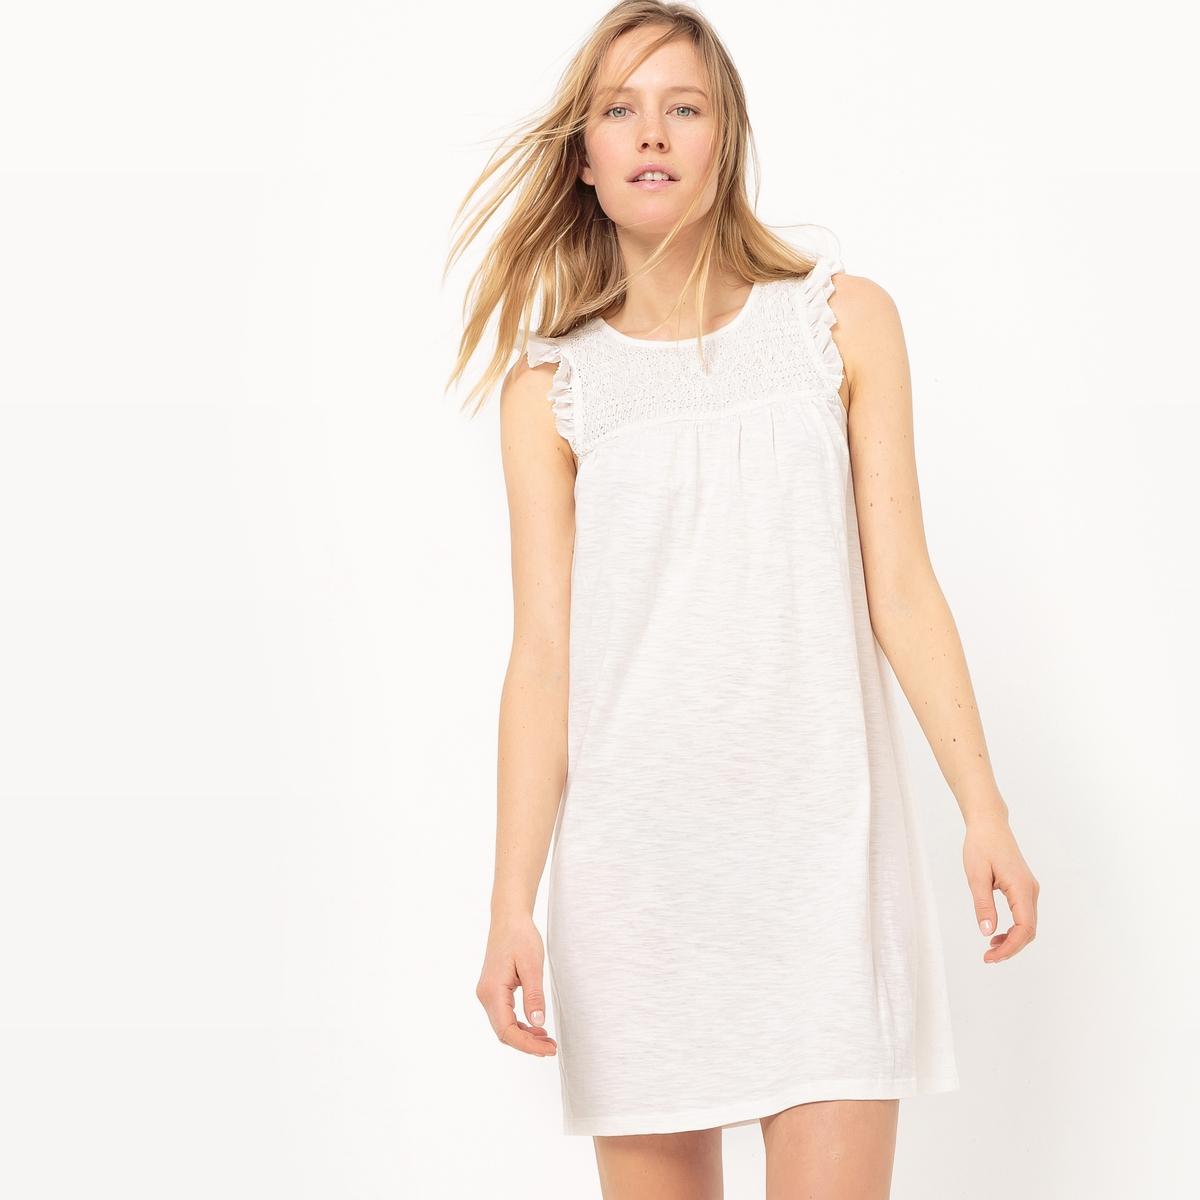 Платье с оборками, до колен, с воланами платье sportalm платья и сарафаны мини короткие